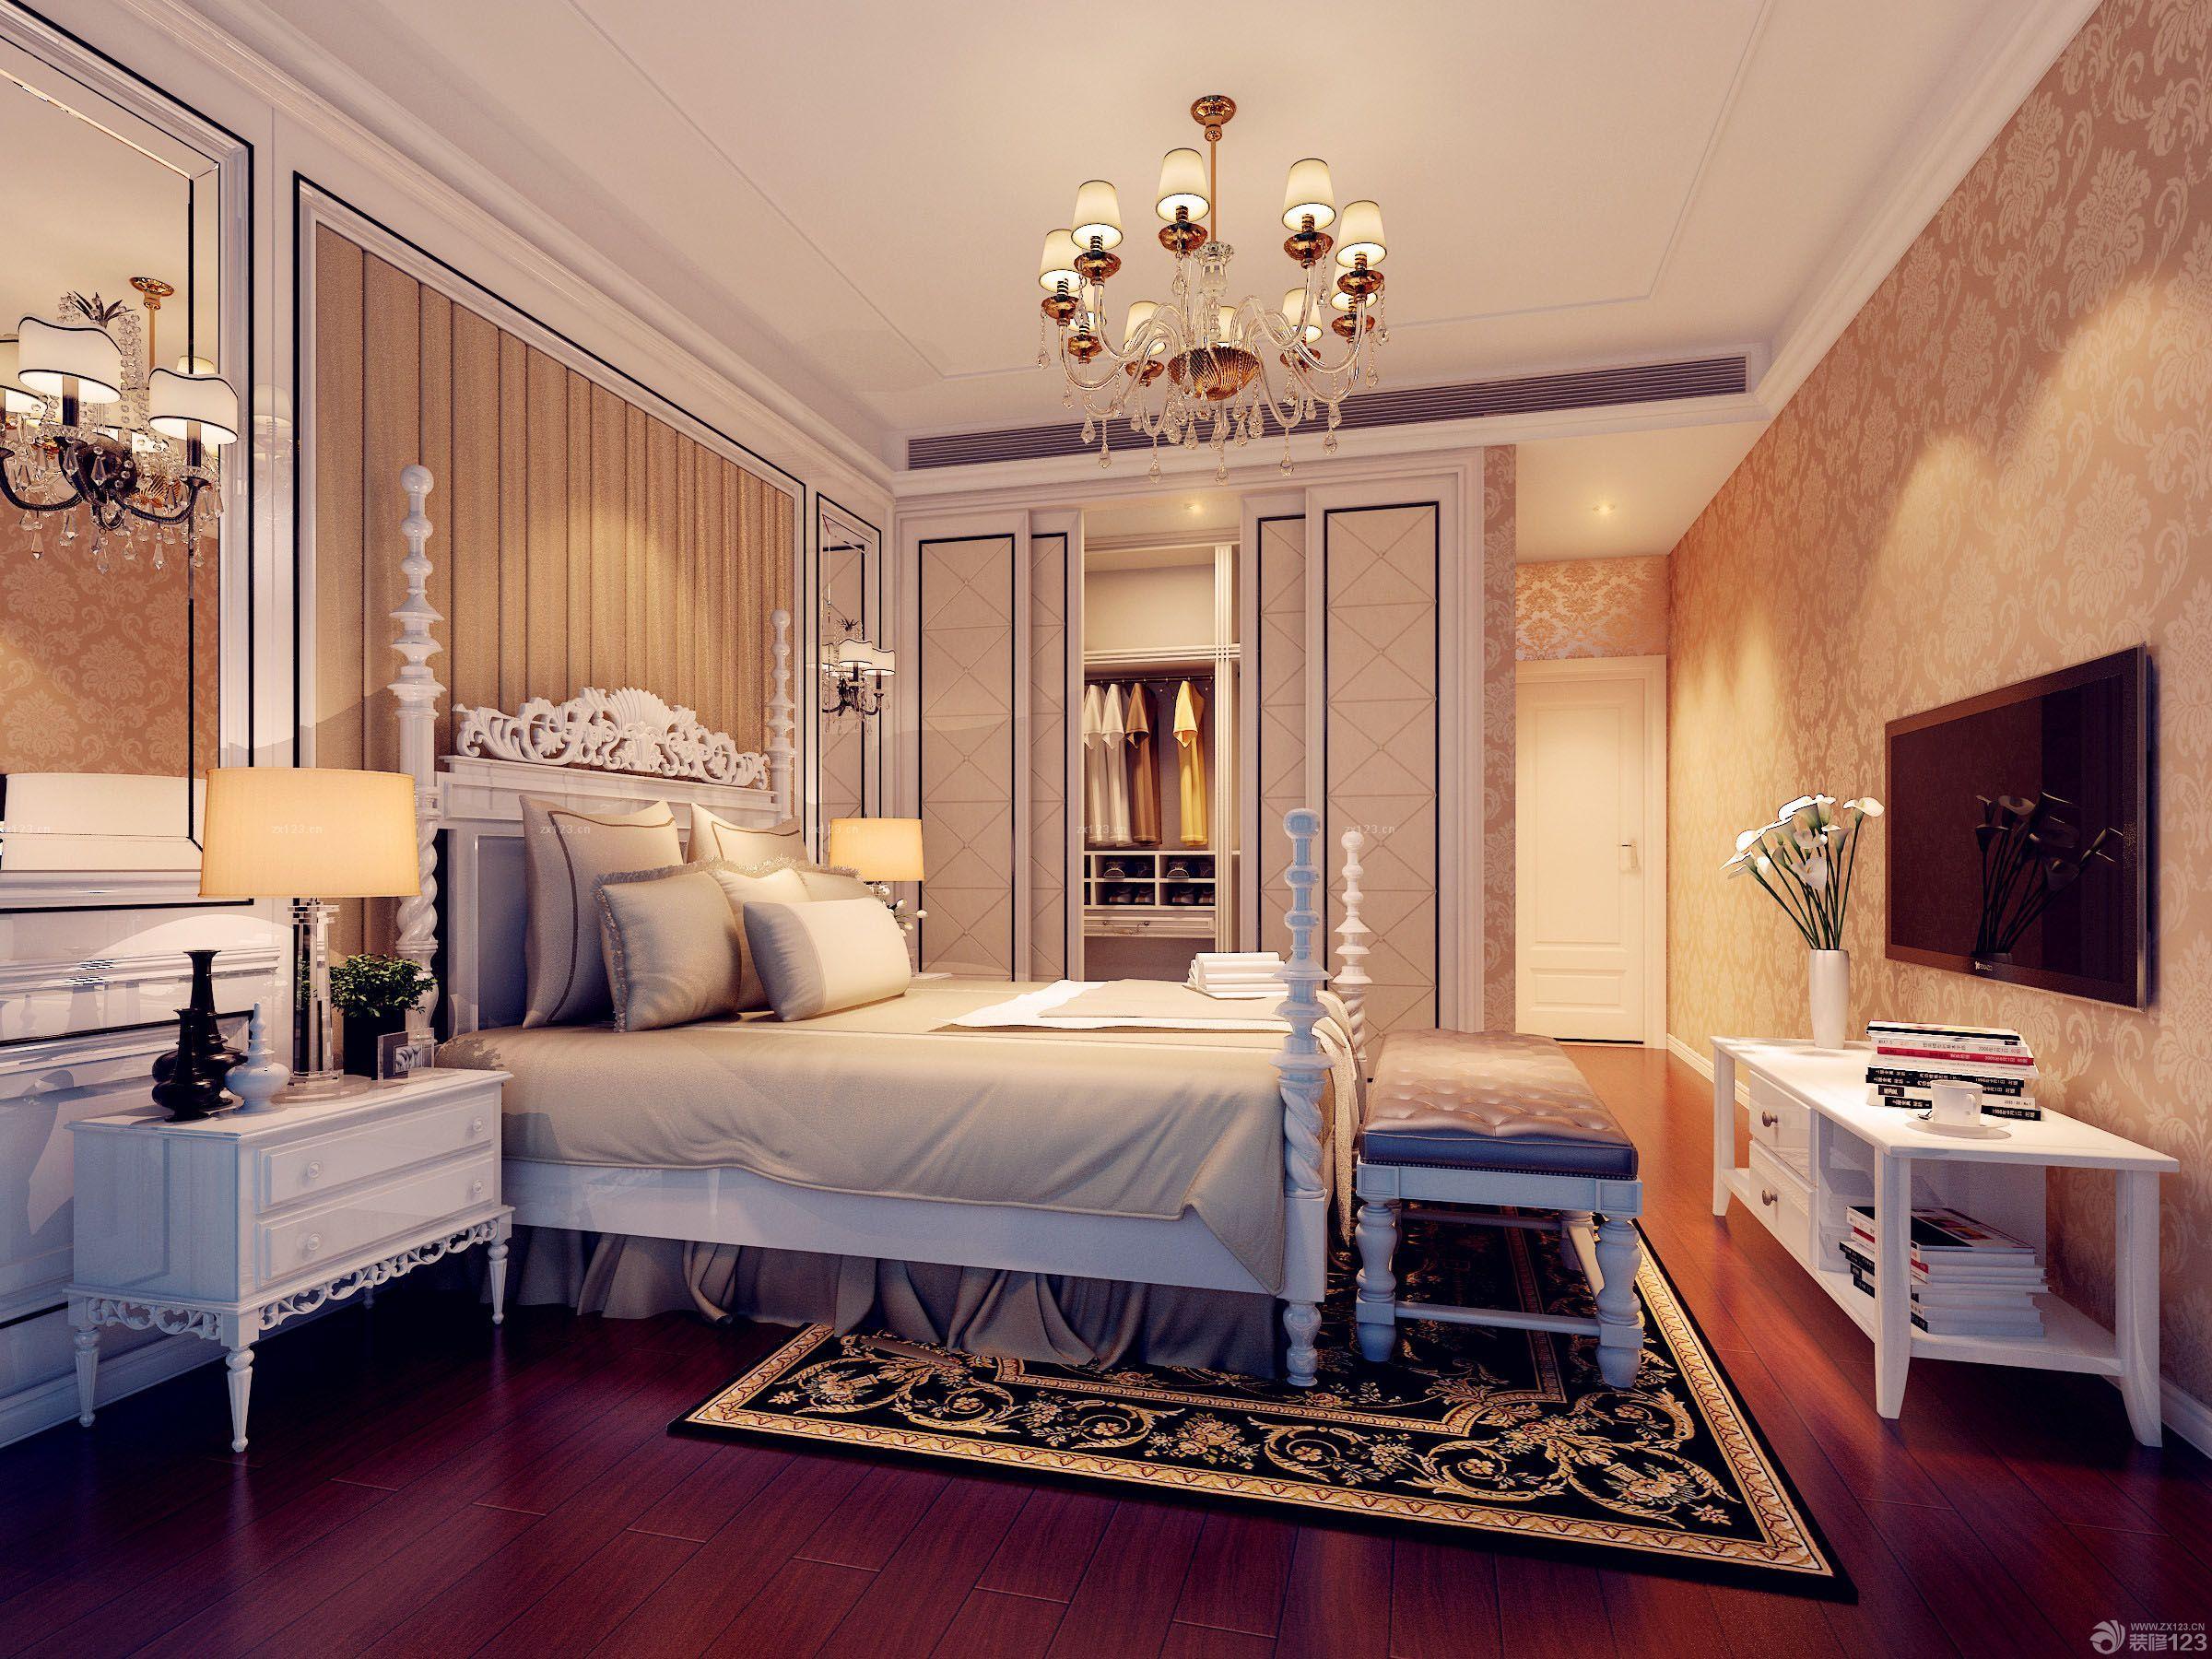 欧式室内装潢三室两厅大卧室床头背景墙设计图